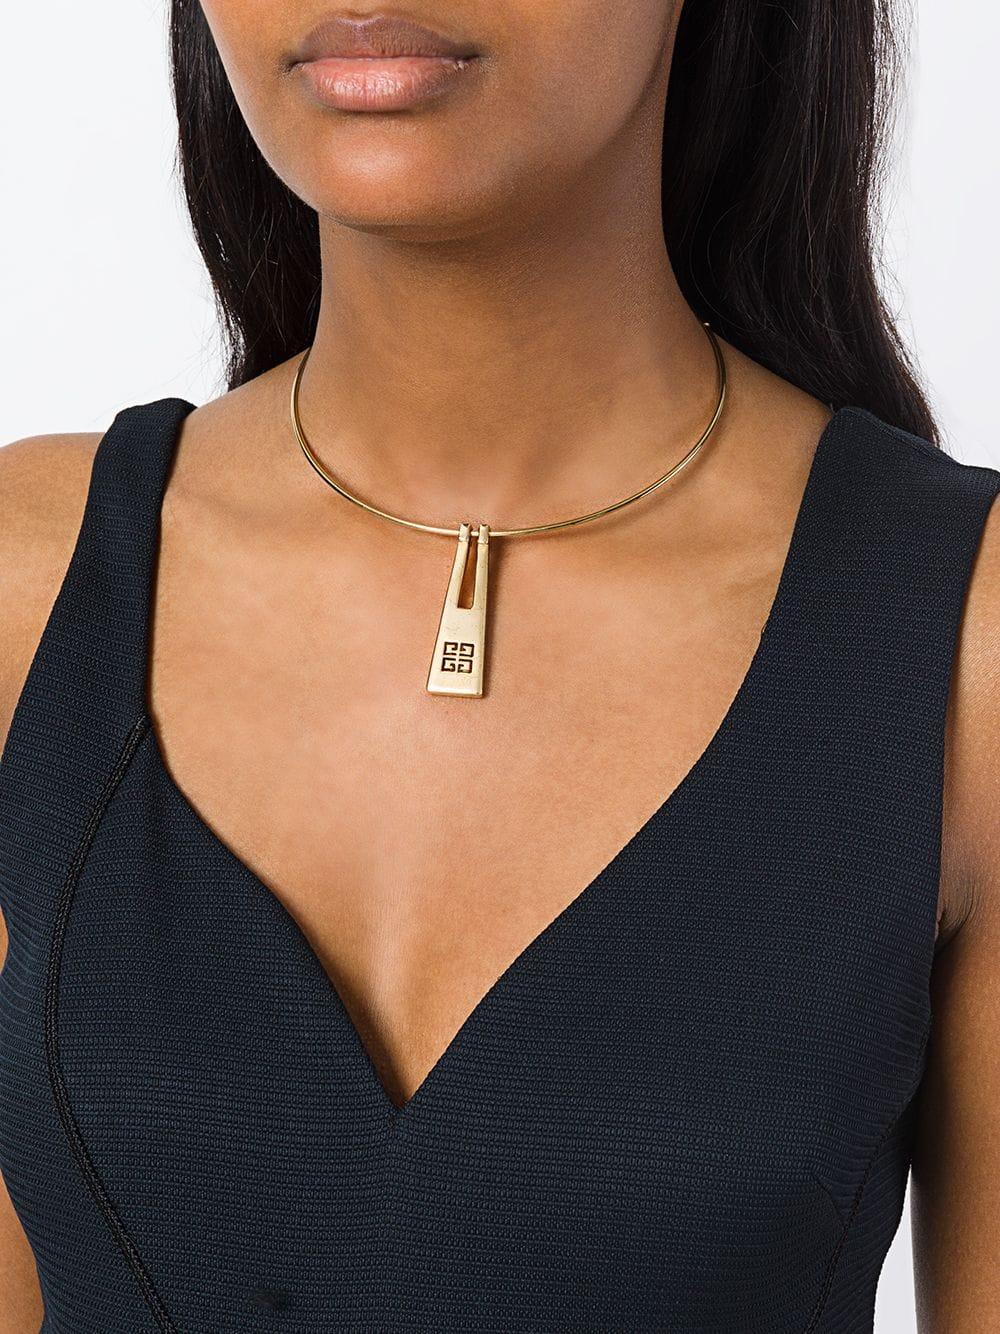 Минималистичный металл - универсальные украшения - Givenchy